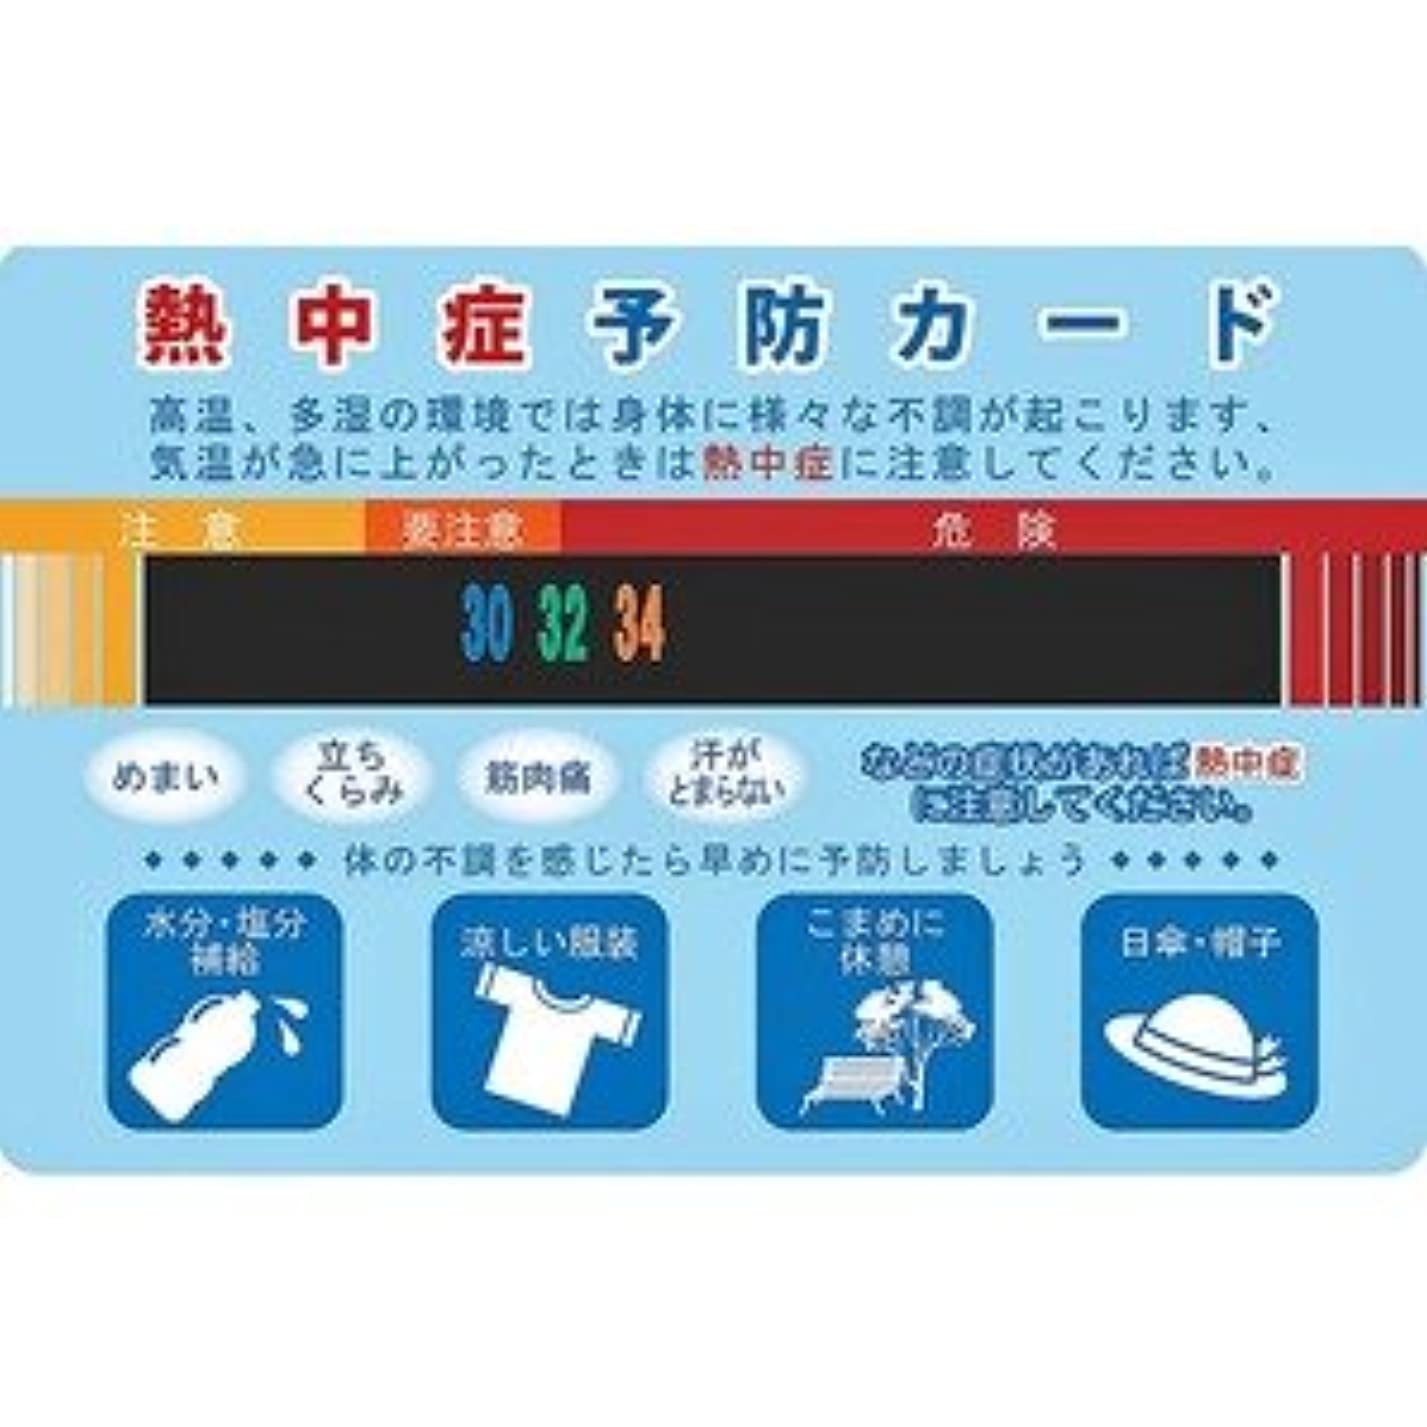 ビーズ中央革新熱中症予防カード?NE1 【100枚セット】 熱中症対策